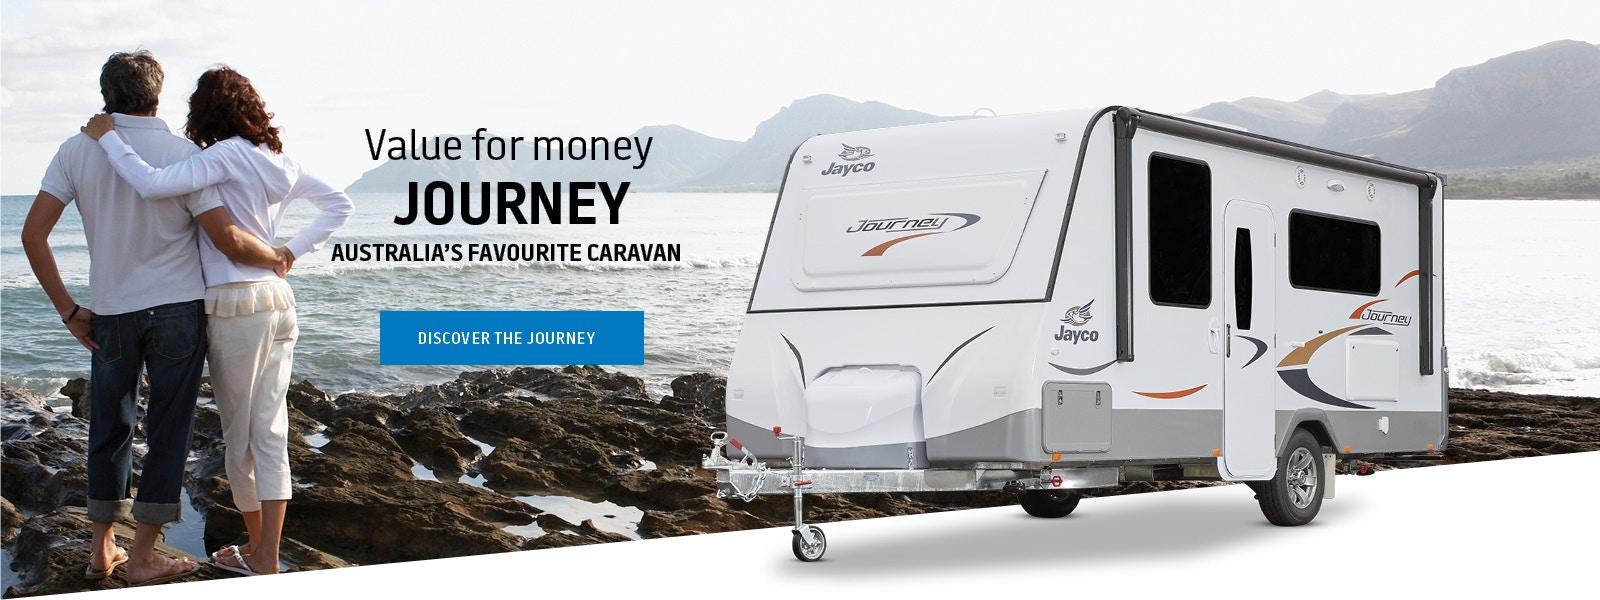 Journey Caravan